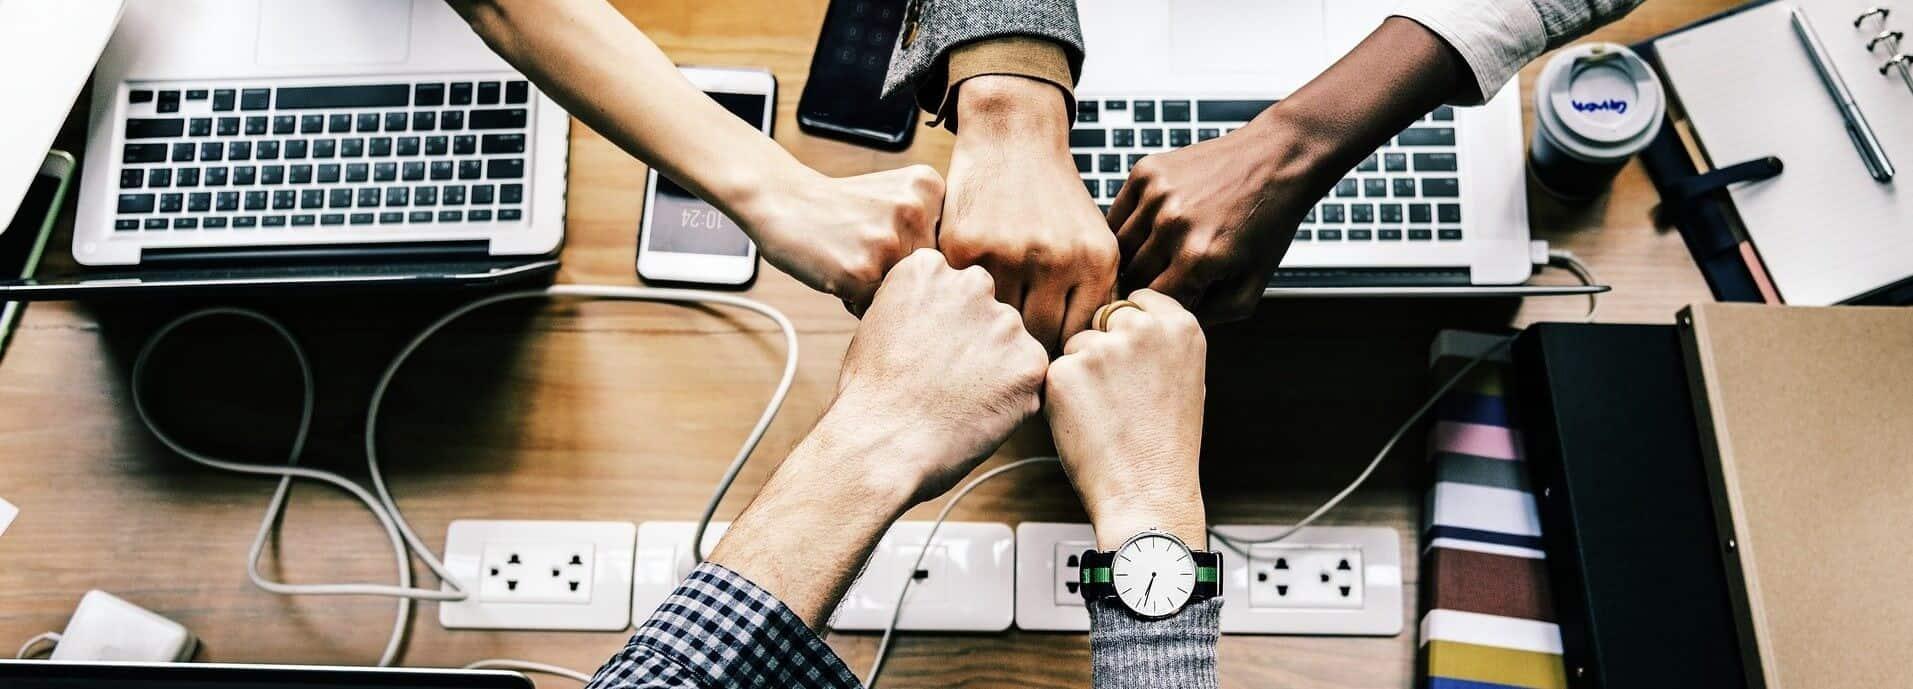 Aflønningsforhold - blog om løn og HR